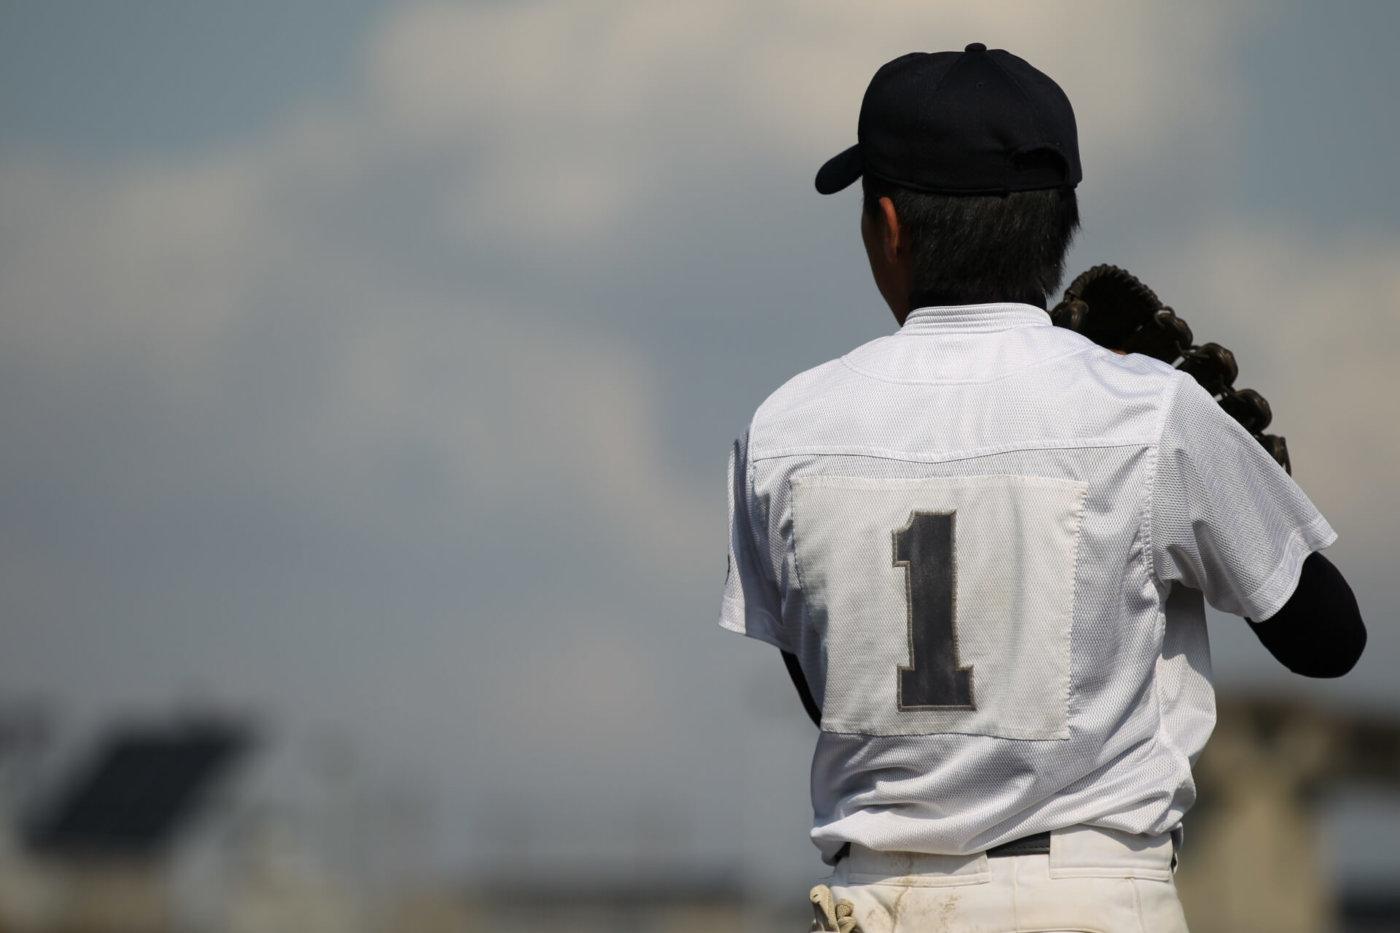 ソフトボールが上達するトレーニング方法(ピッチング編)